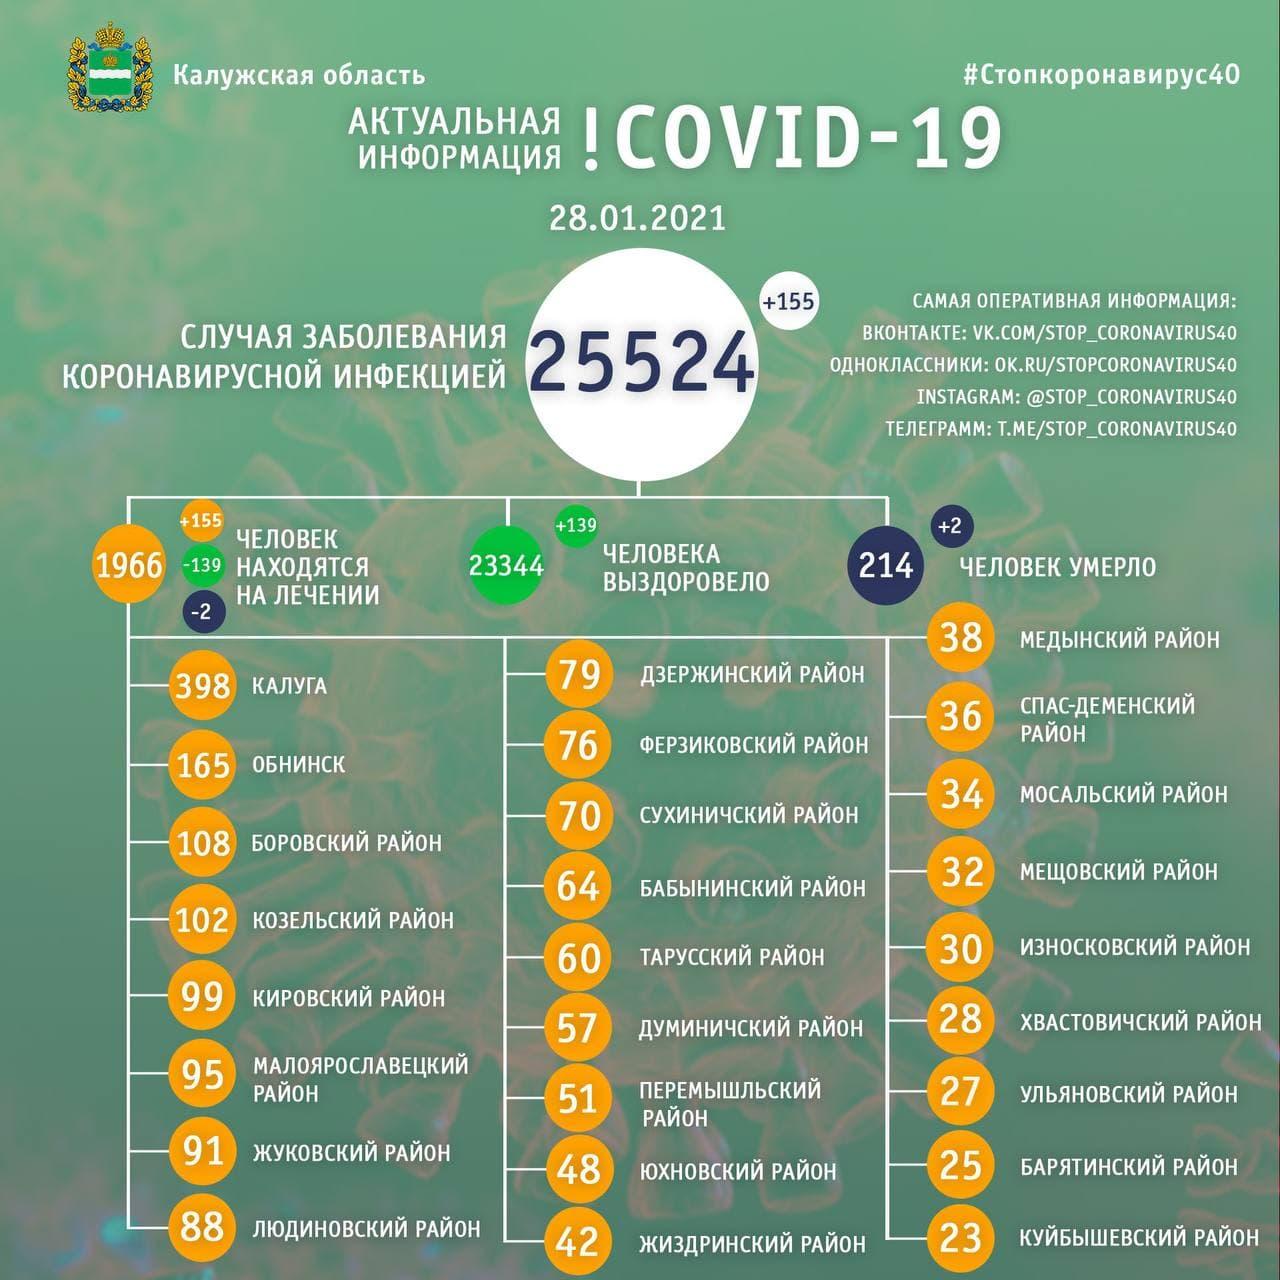 Официальные данные по коронавирусу в Калужской области на 28 января 2021 года.